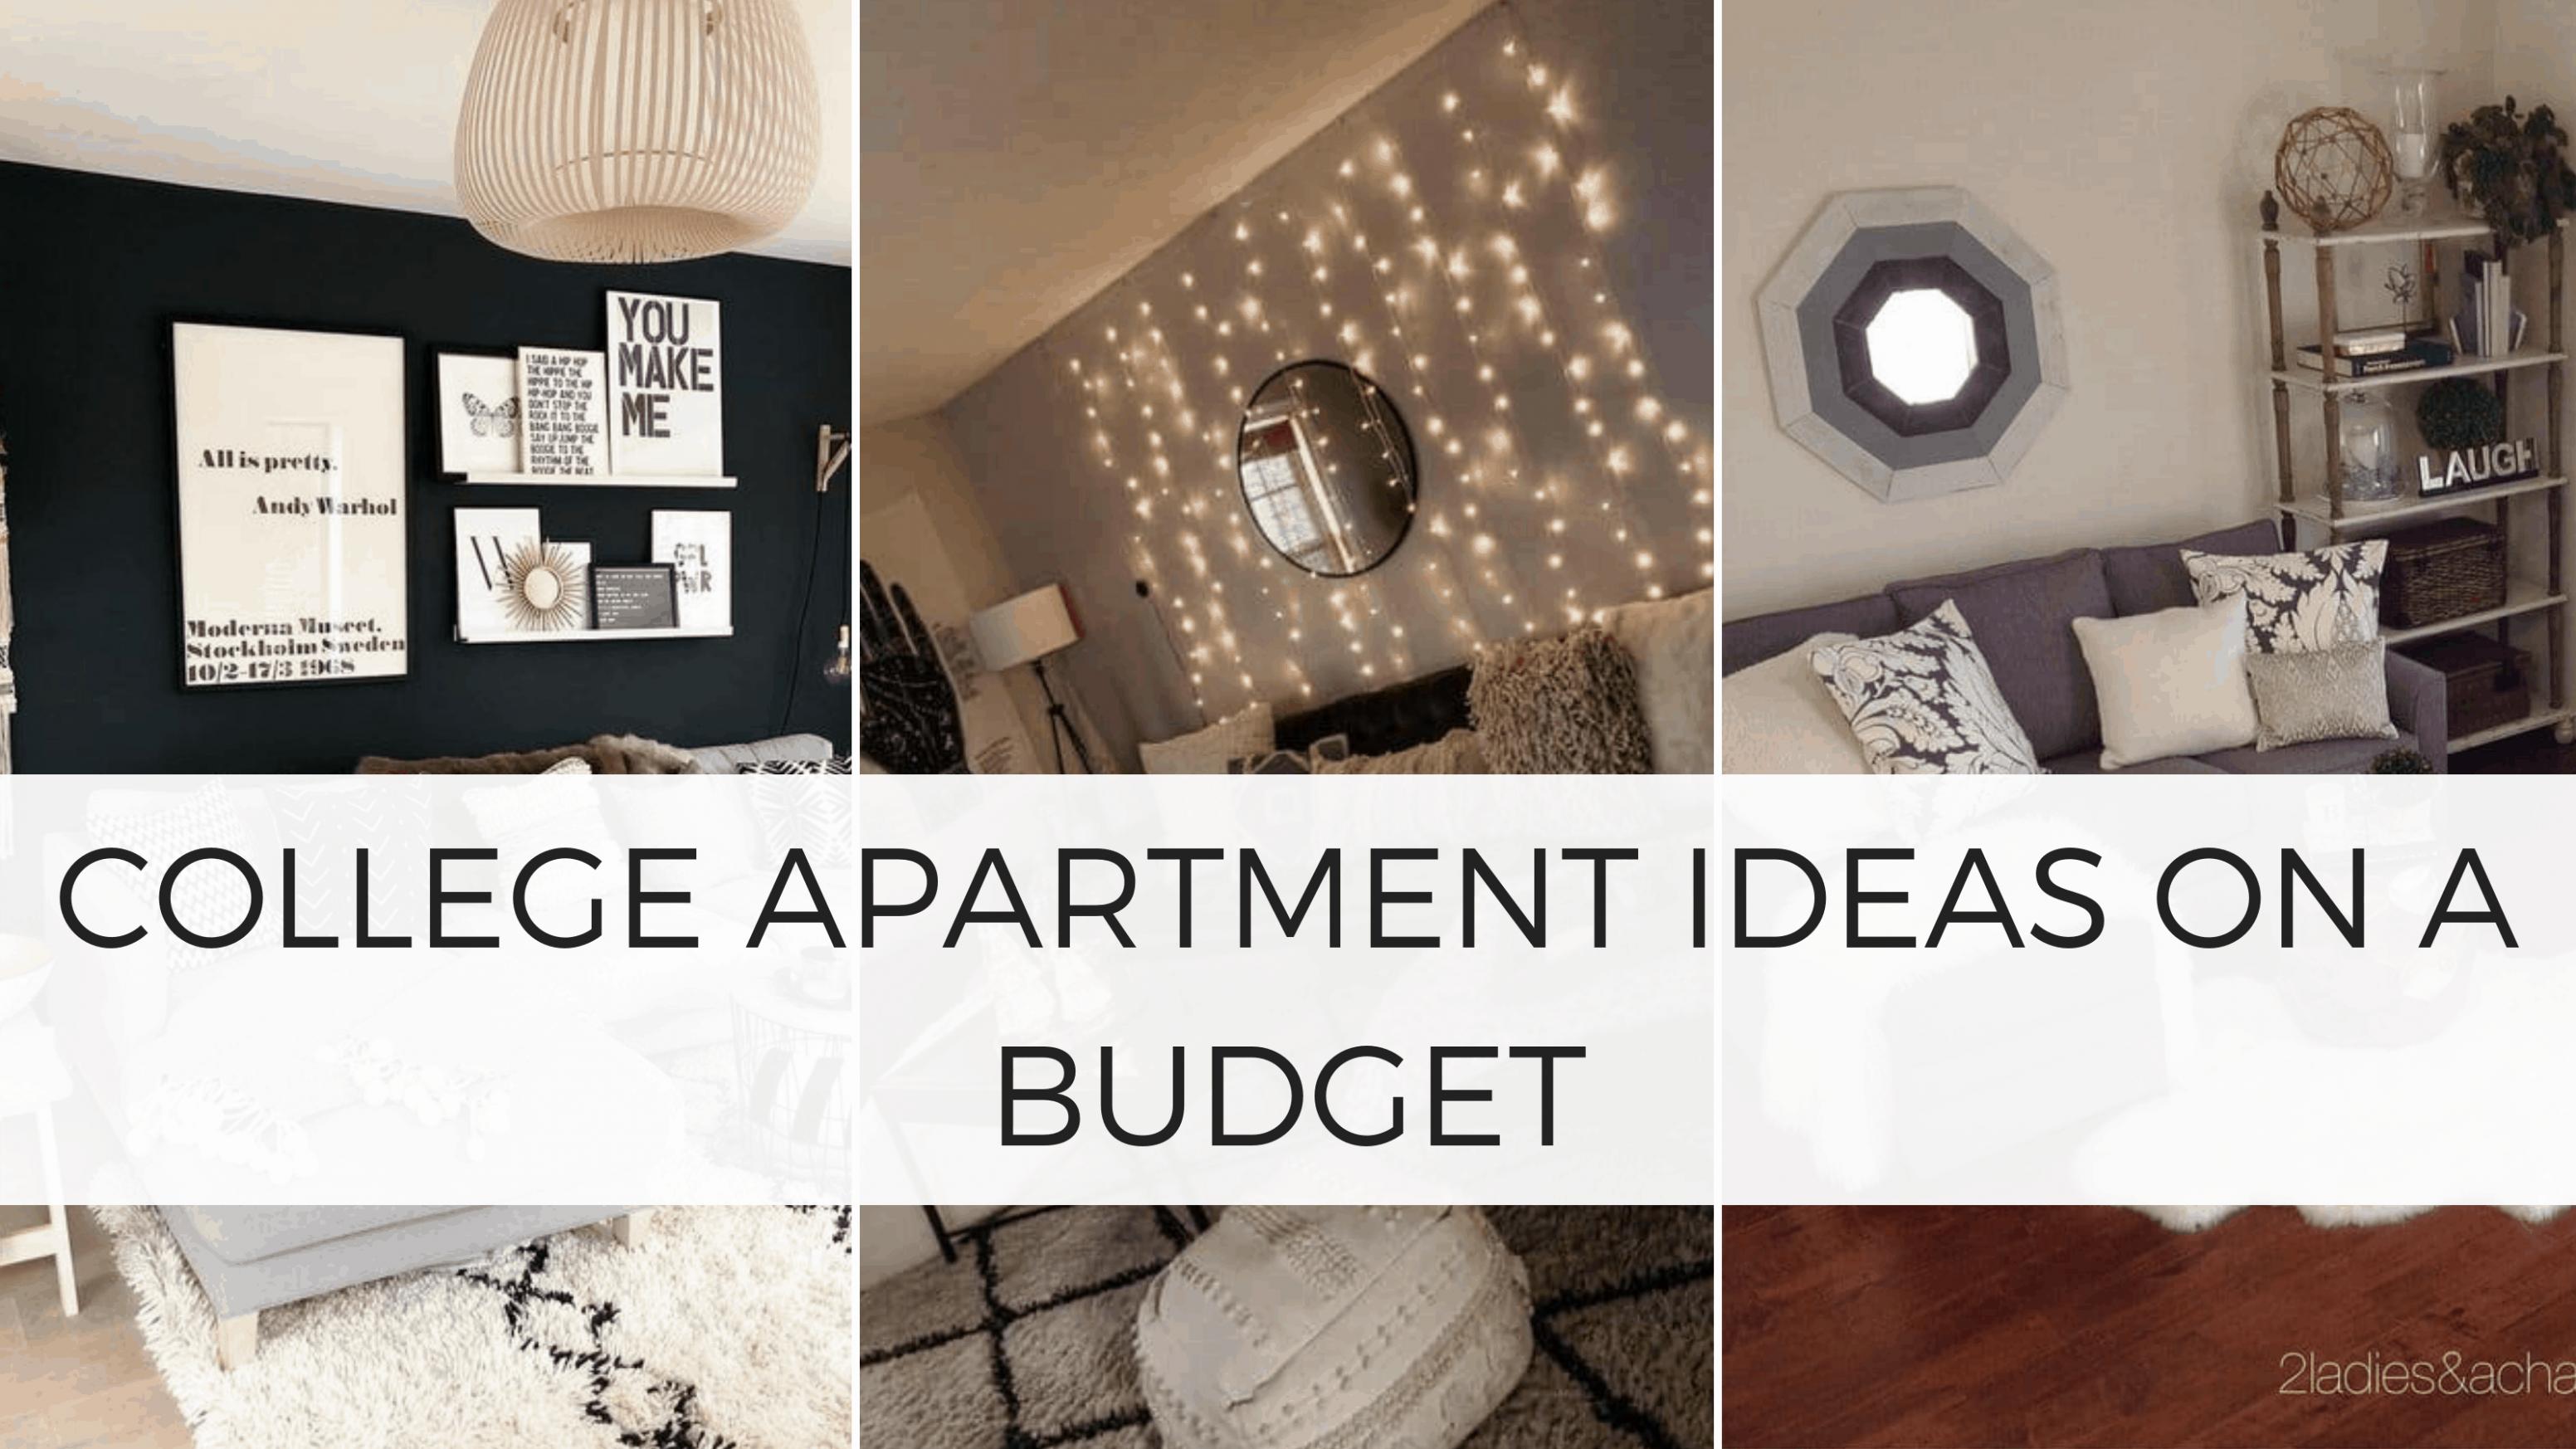 12 Genius College Apartment Decorating Ideas on a Budget - By  - Apartment Decorating Ideas For Students